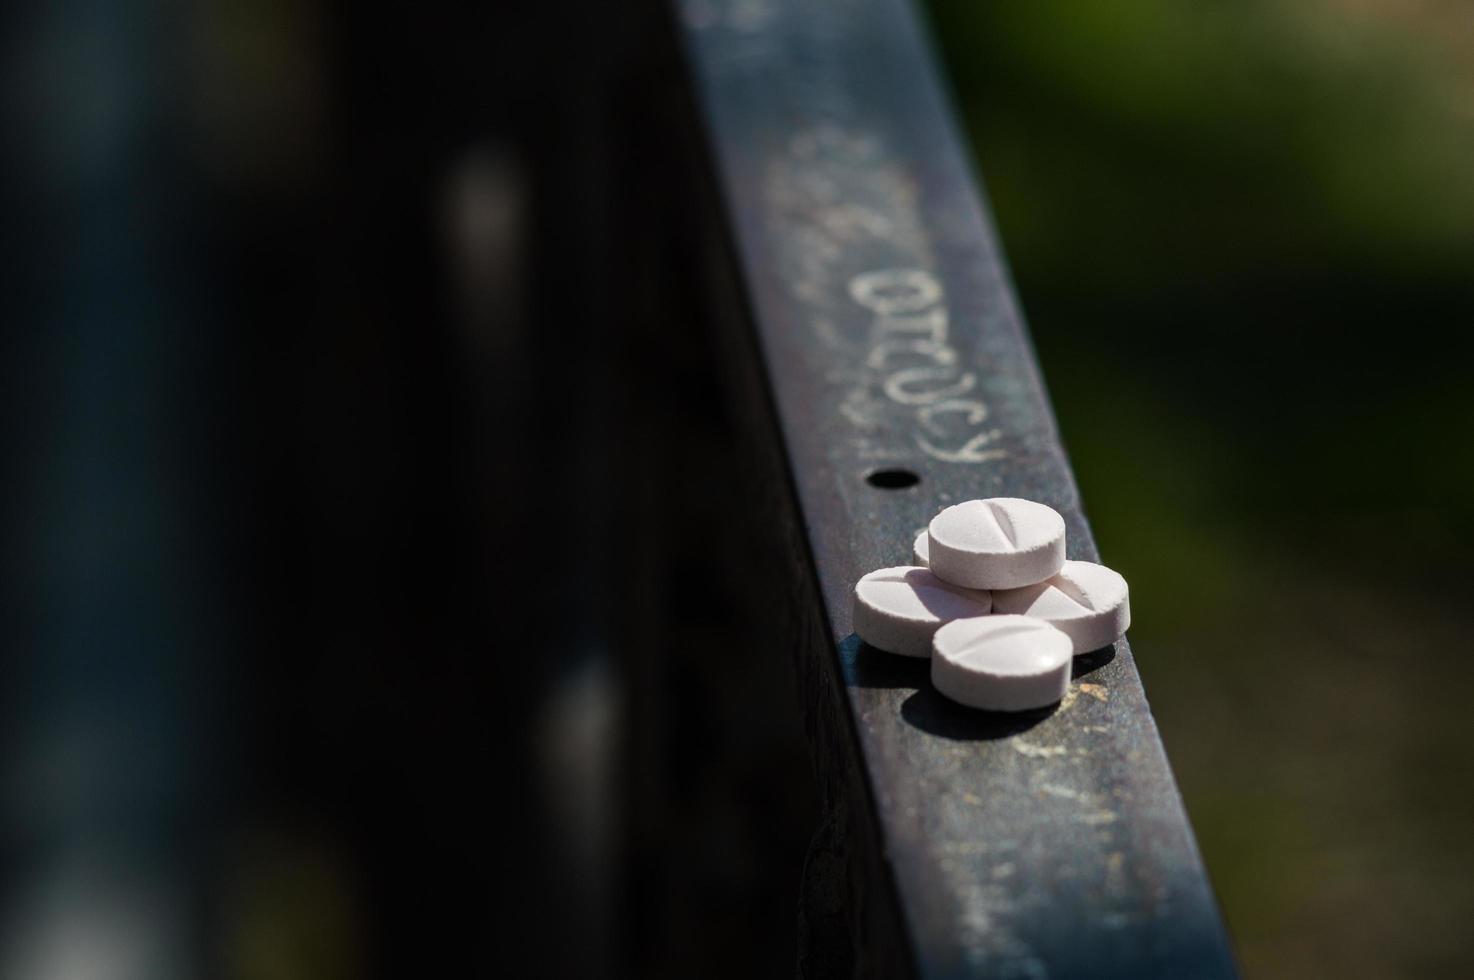 Pastillas blancas se encuentran en una barandilla de metal foto